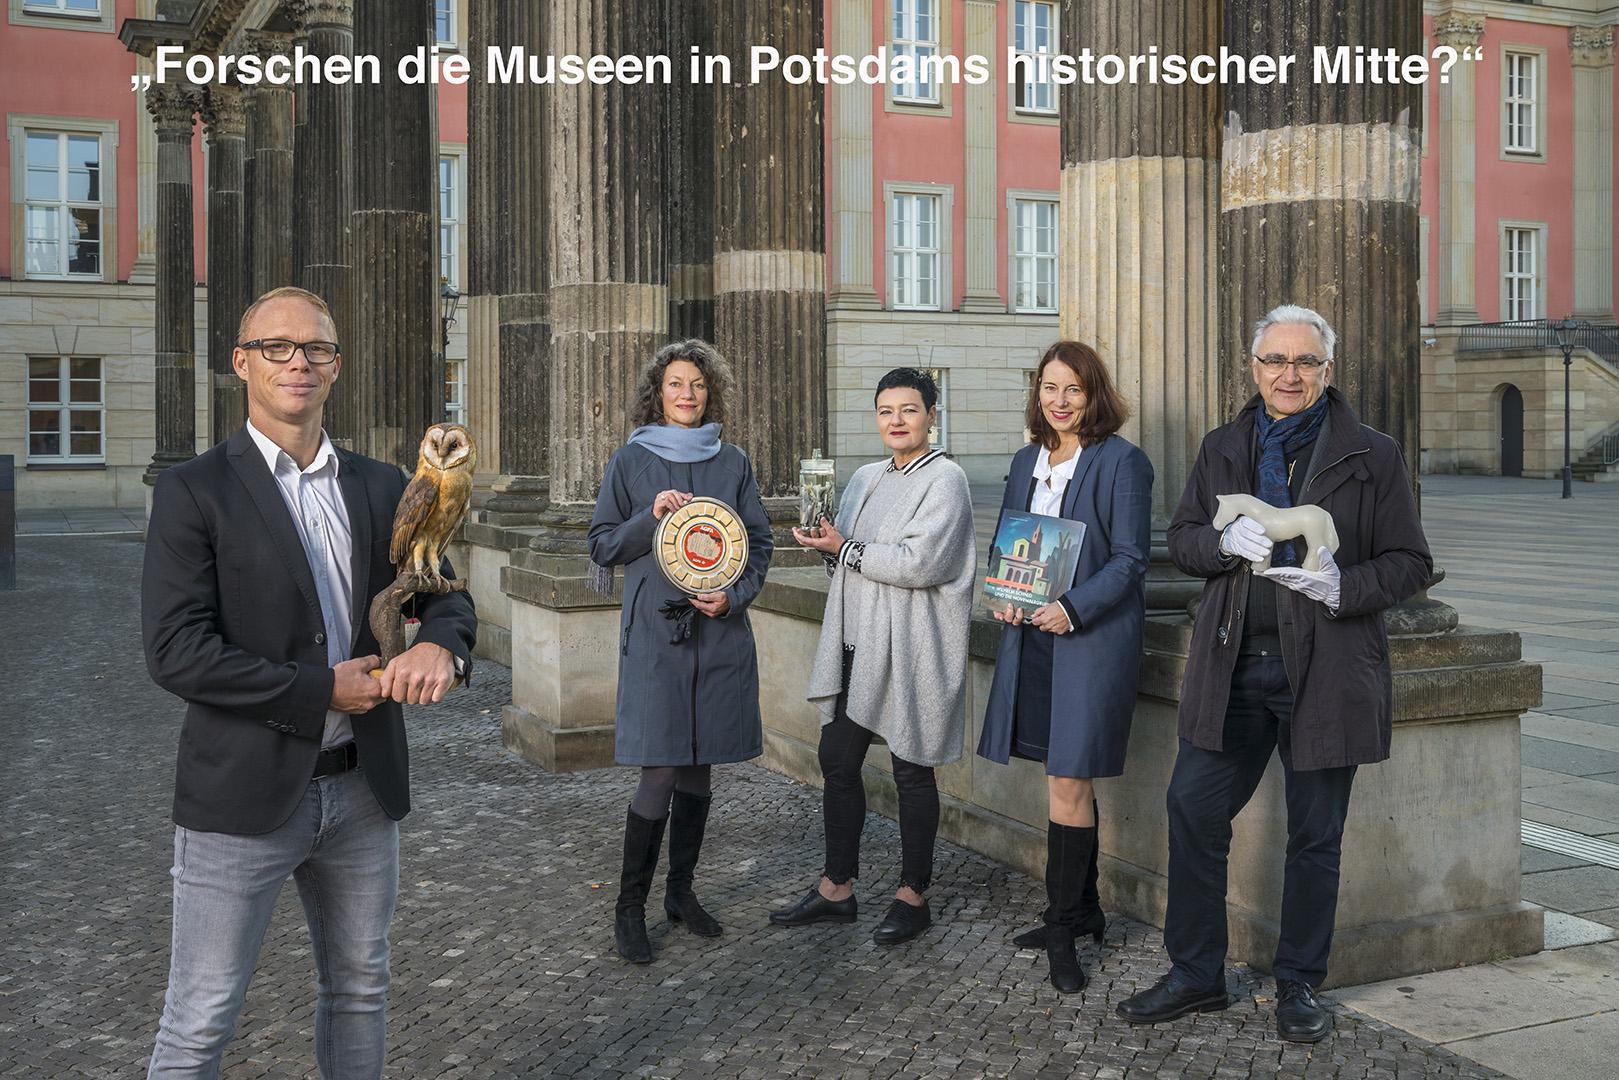 Potsdam Museum, Naturkundemuseum, Filmmuseum, Haus der Brandenburgisch-Preußischen Geschichte